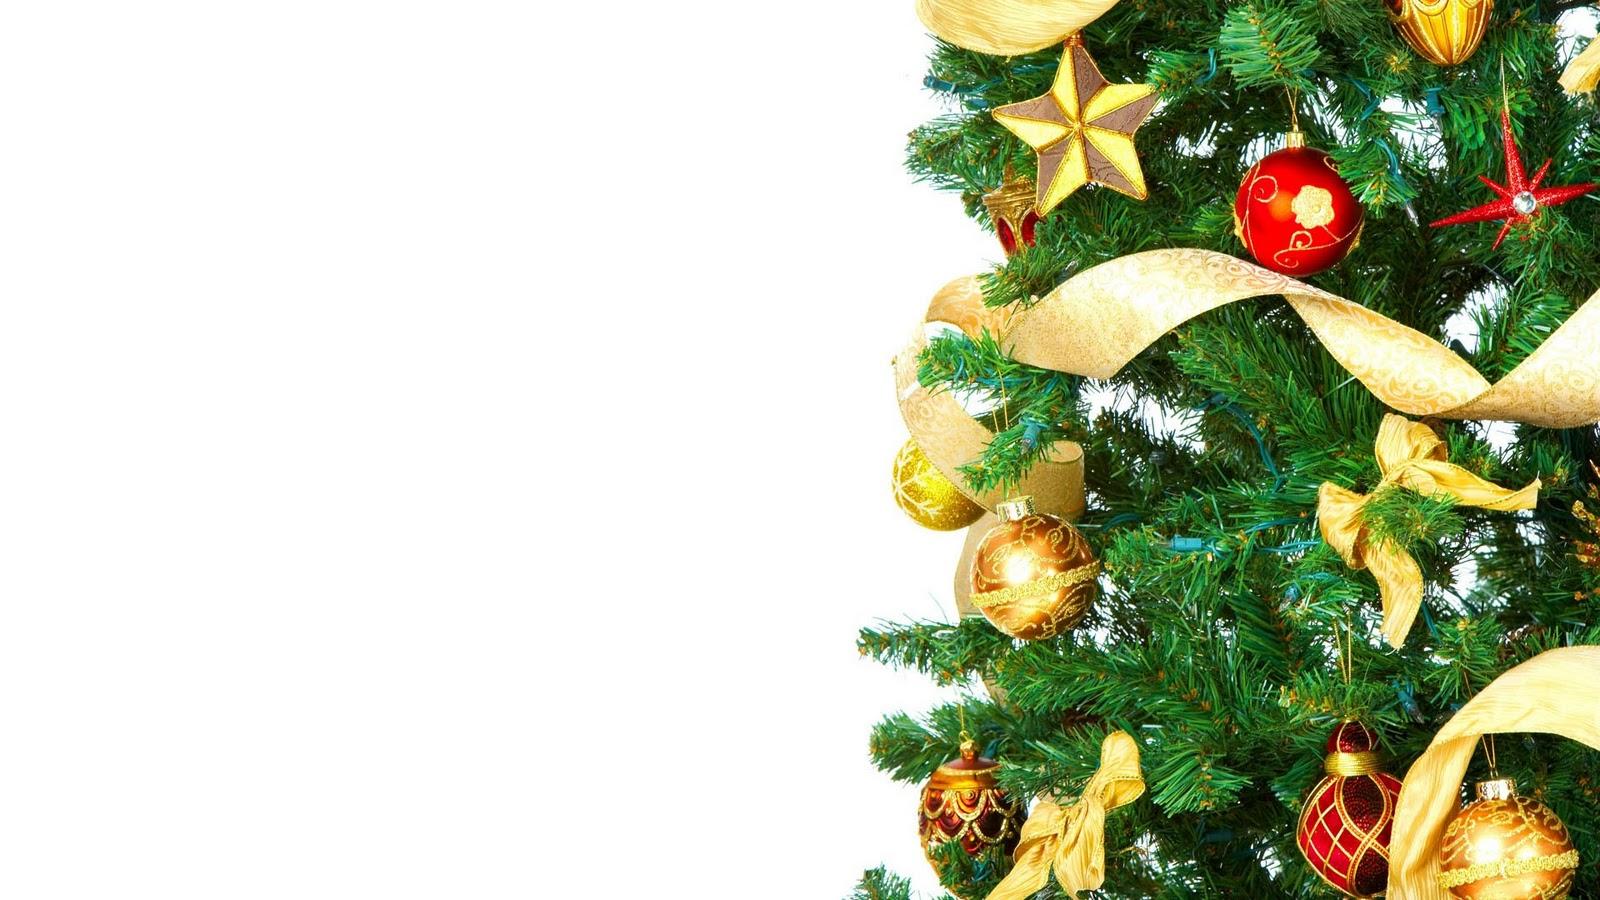 Kerst Wallpapers | HD Wallpapers Wallpapers Kerst Achtergronden